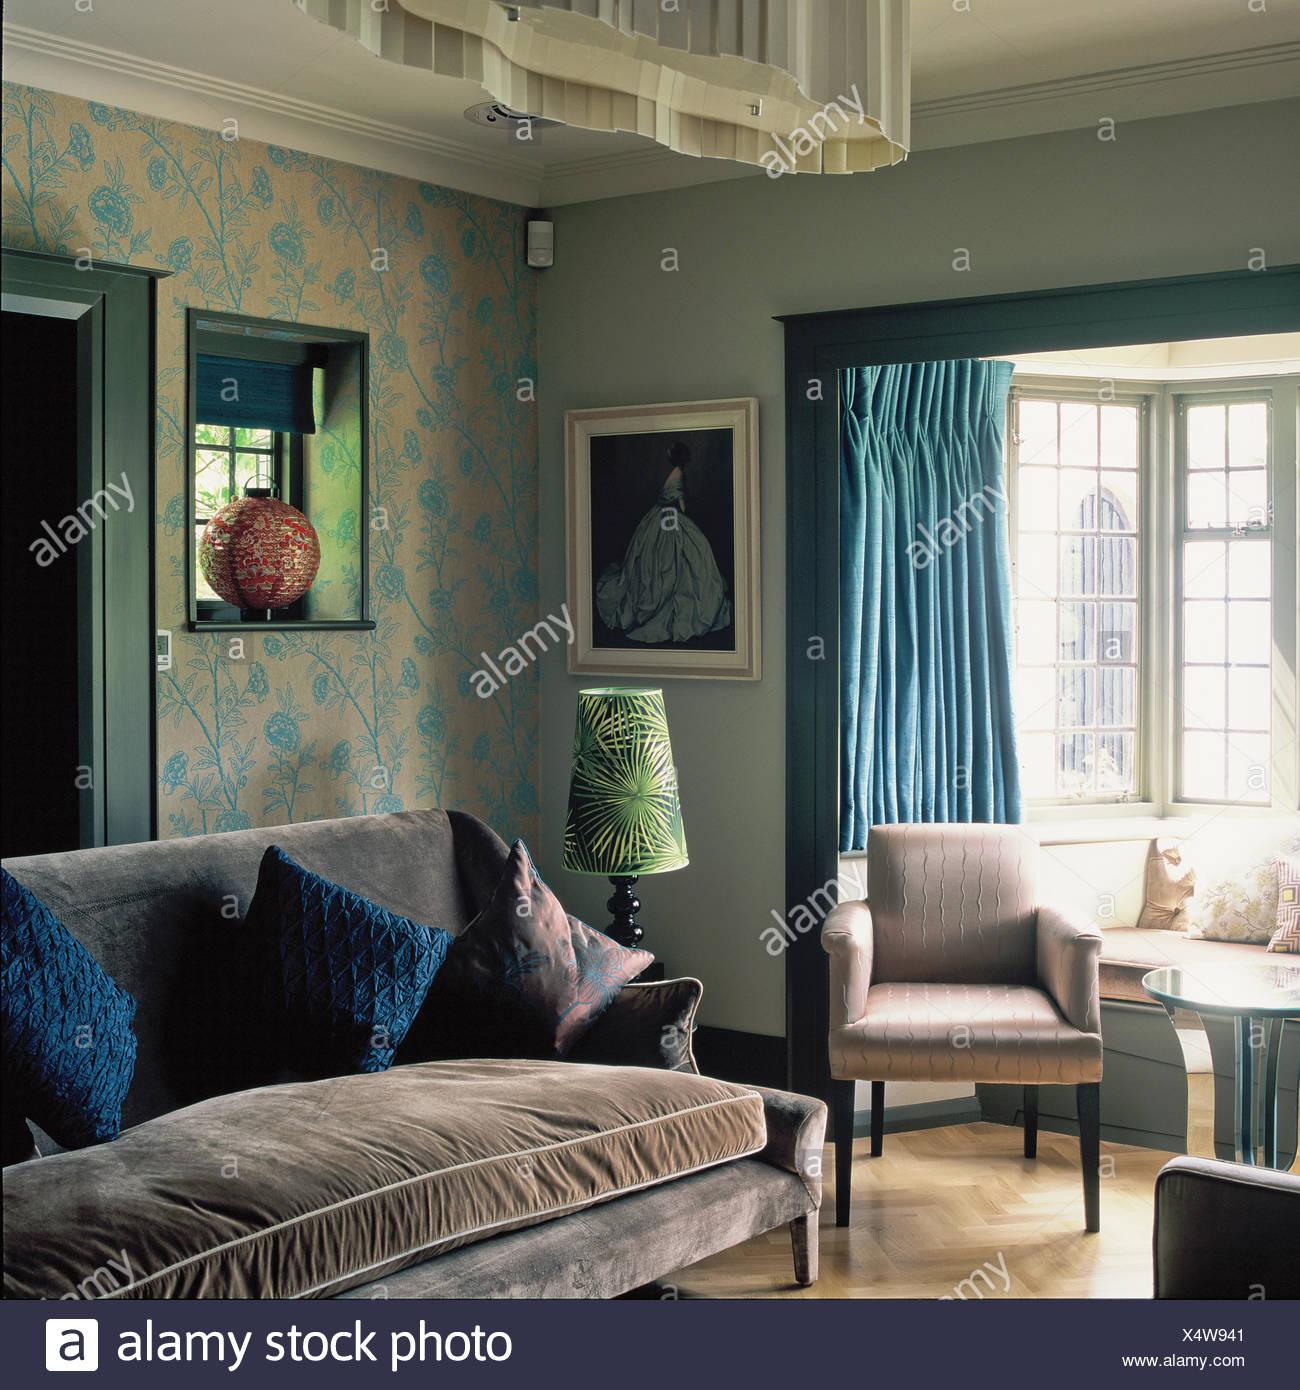 Blue velvet chair stockfotos blue velvet chair bilder for Graue tapete wohnzimmer